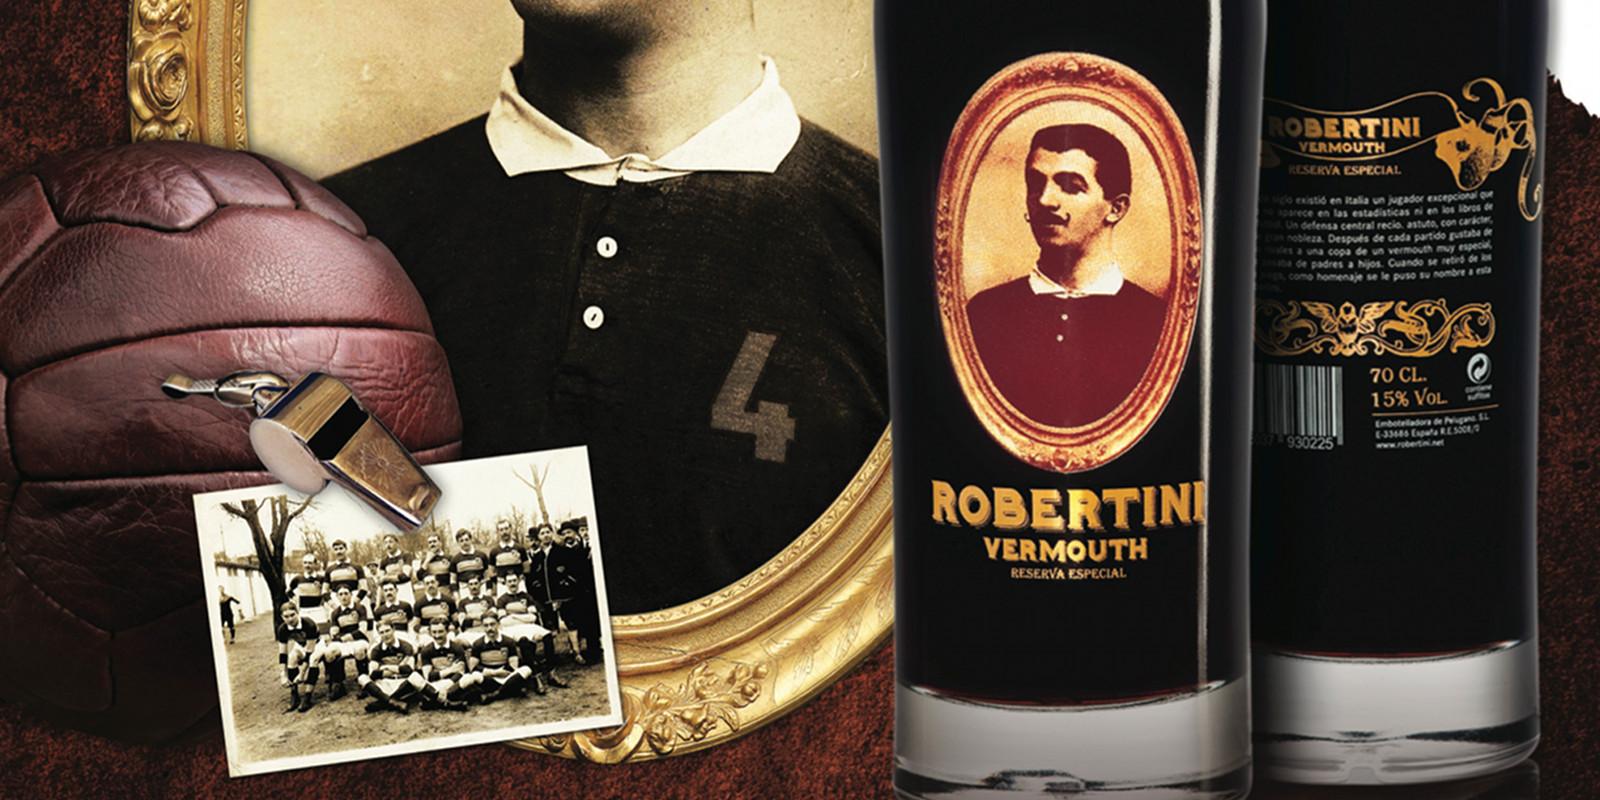 Vermouth Robertini